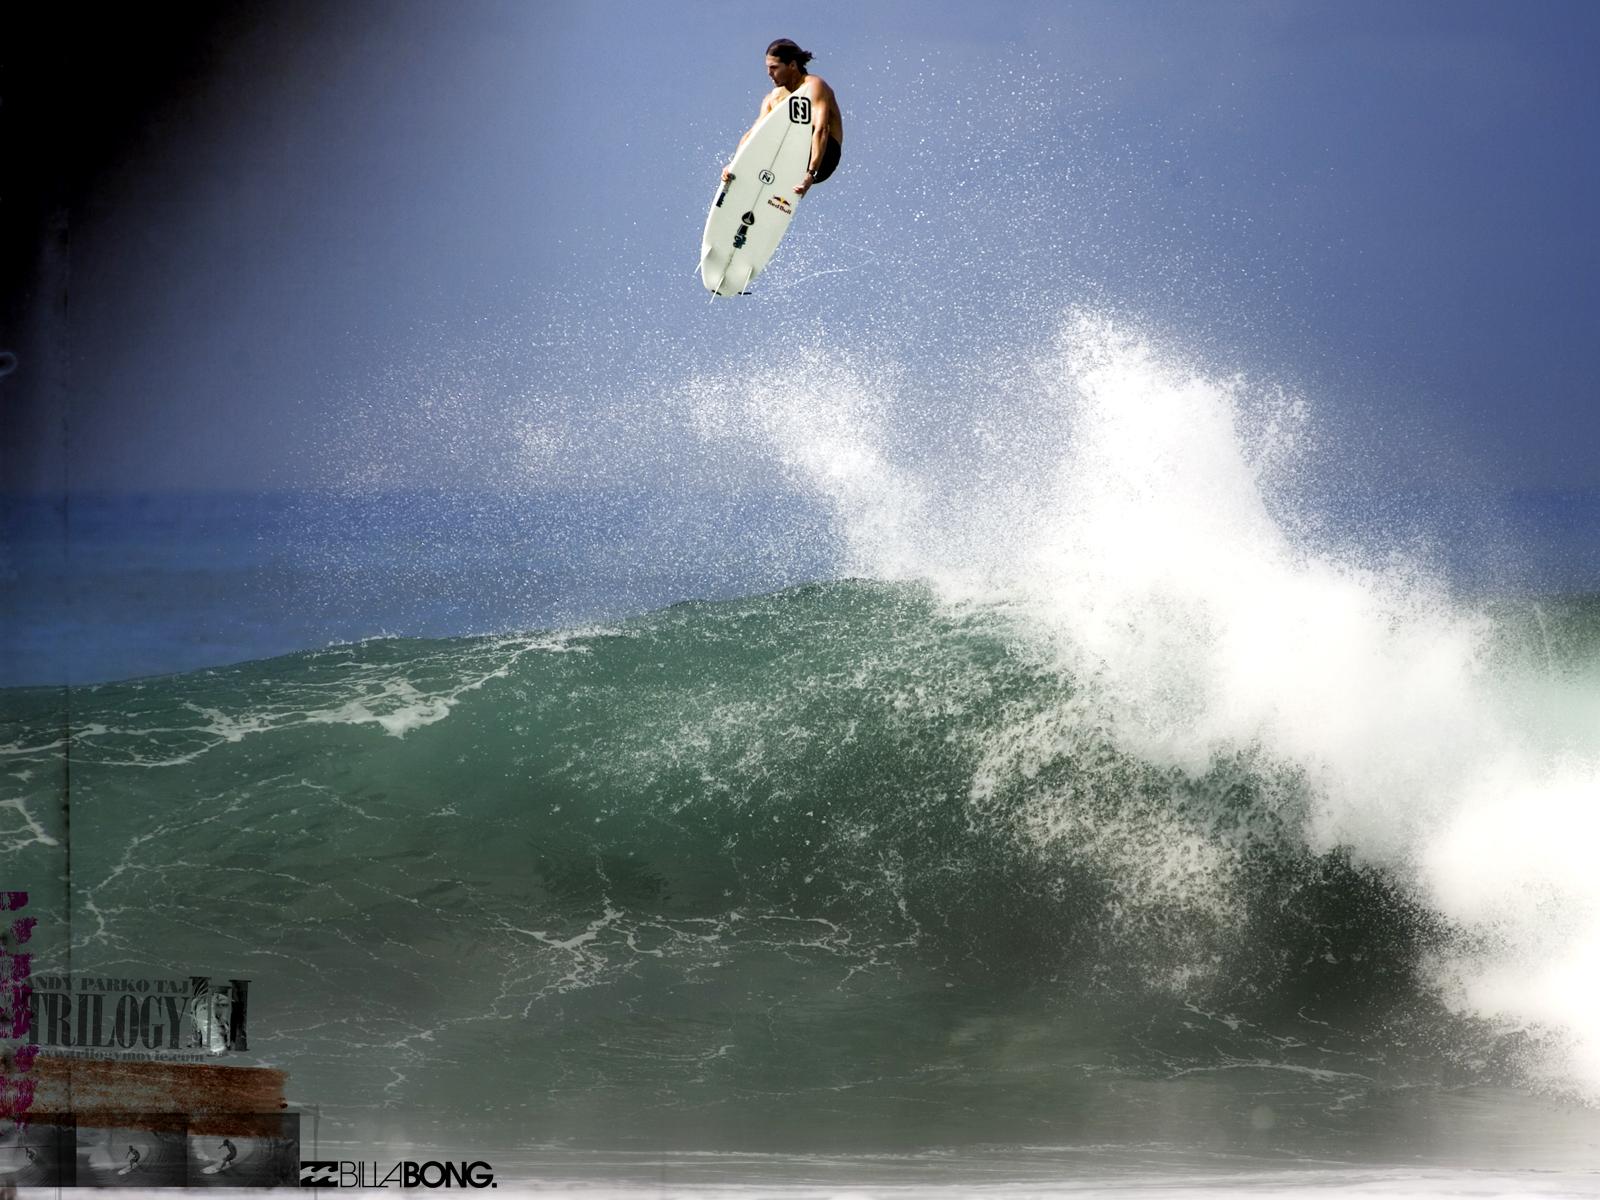 http://2.bp.blogspot.com/_xgoG9j1yNzE/TNHm7no4k7I/AAAAAAAAAIk/Ivitt9bwCXE/s1600/Andy-Irons-Billabong-Surfing-Wallpaper%2520Air-744654.jpg